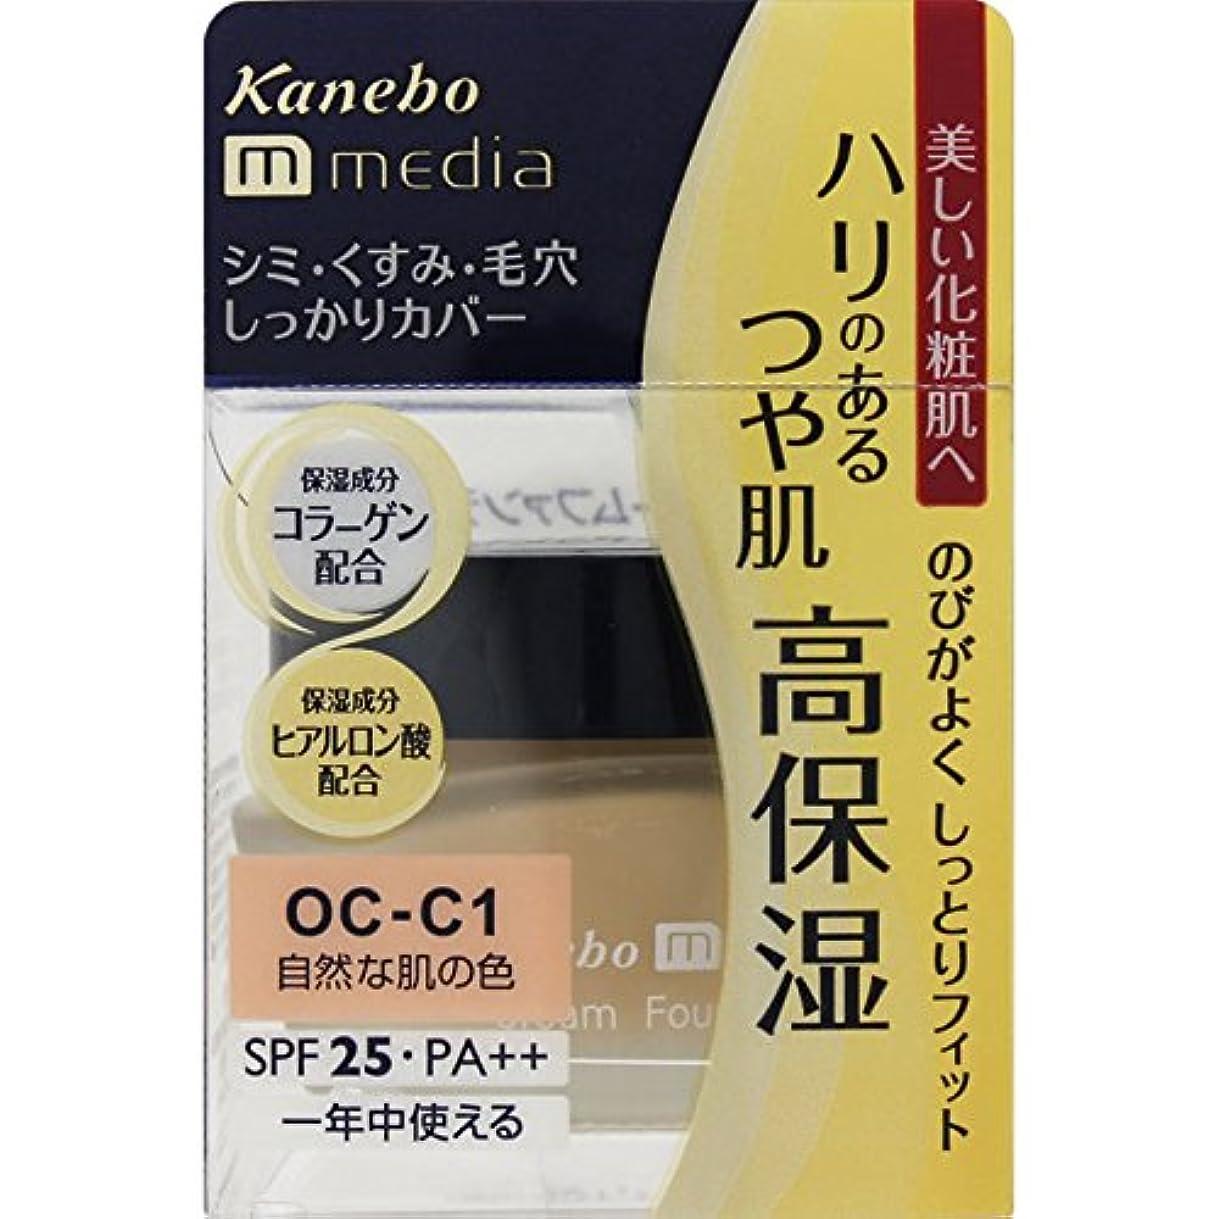 不快な経済的確認カネボウ media(メディア) クリームファンデーション OC-C1(自然な肌の色)